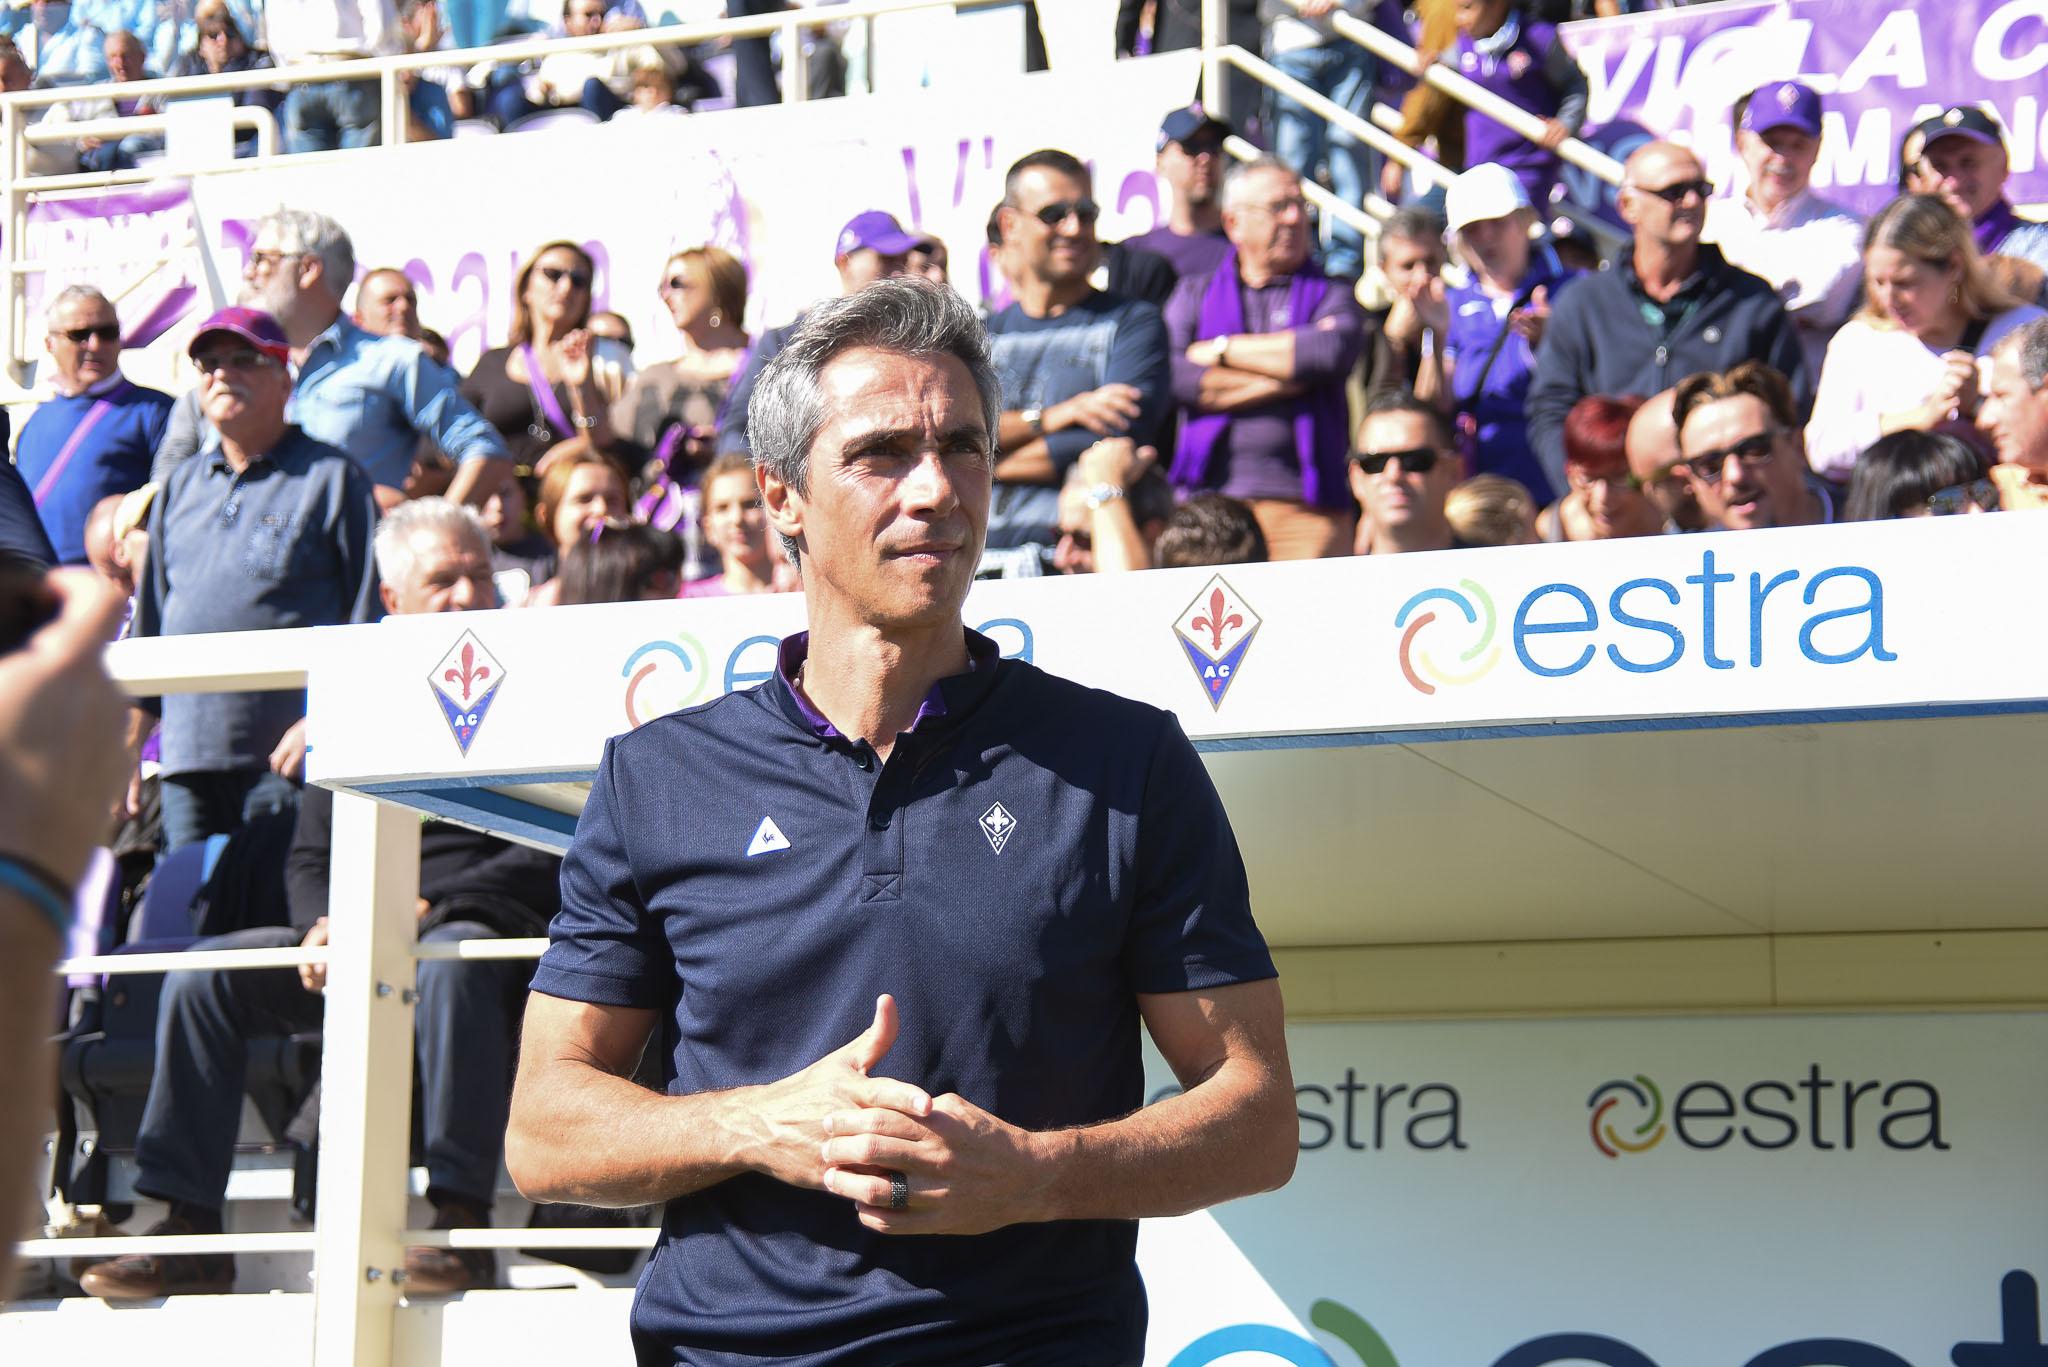 """Sousa: """"Il mio futuro? I giocatori non sono preoccupati. Giornalisti, collaboriamo o no? Tomovic e Chiesa…"""""""